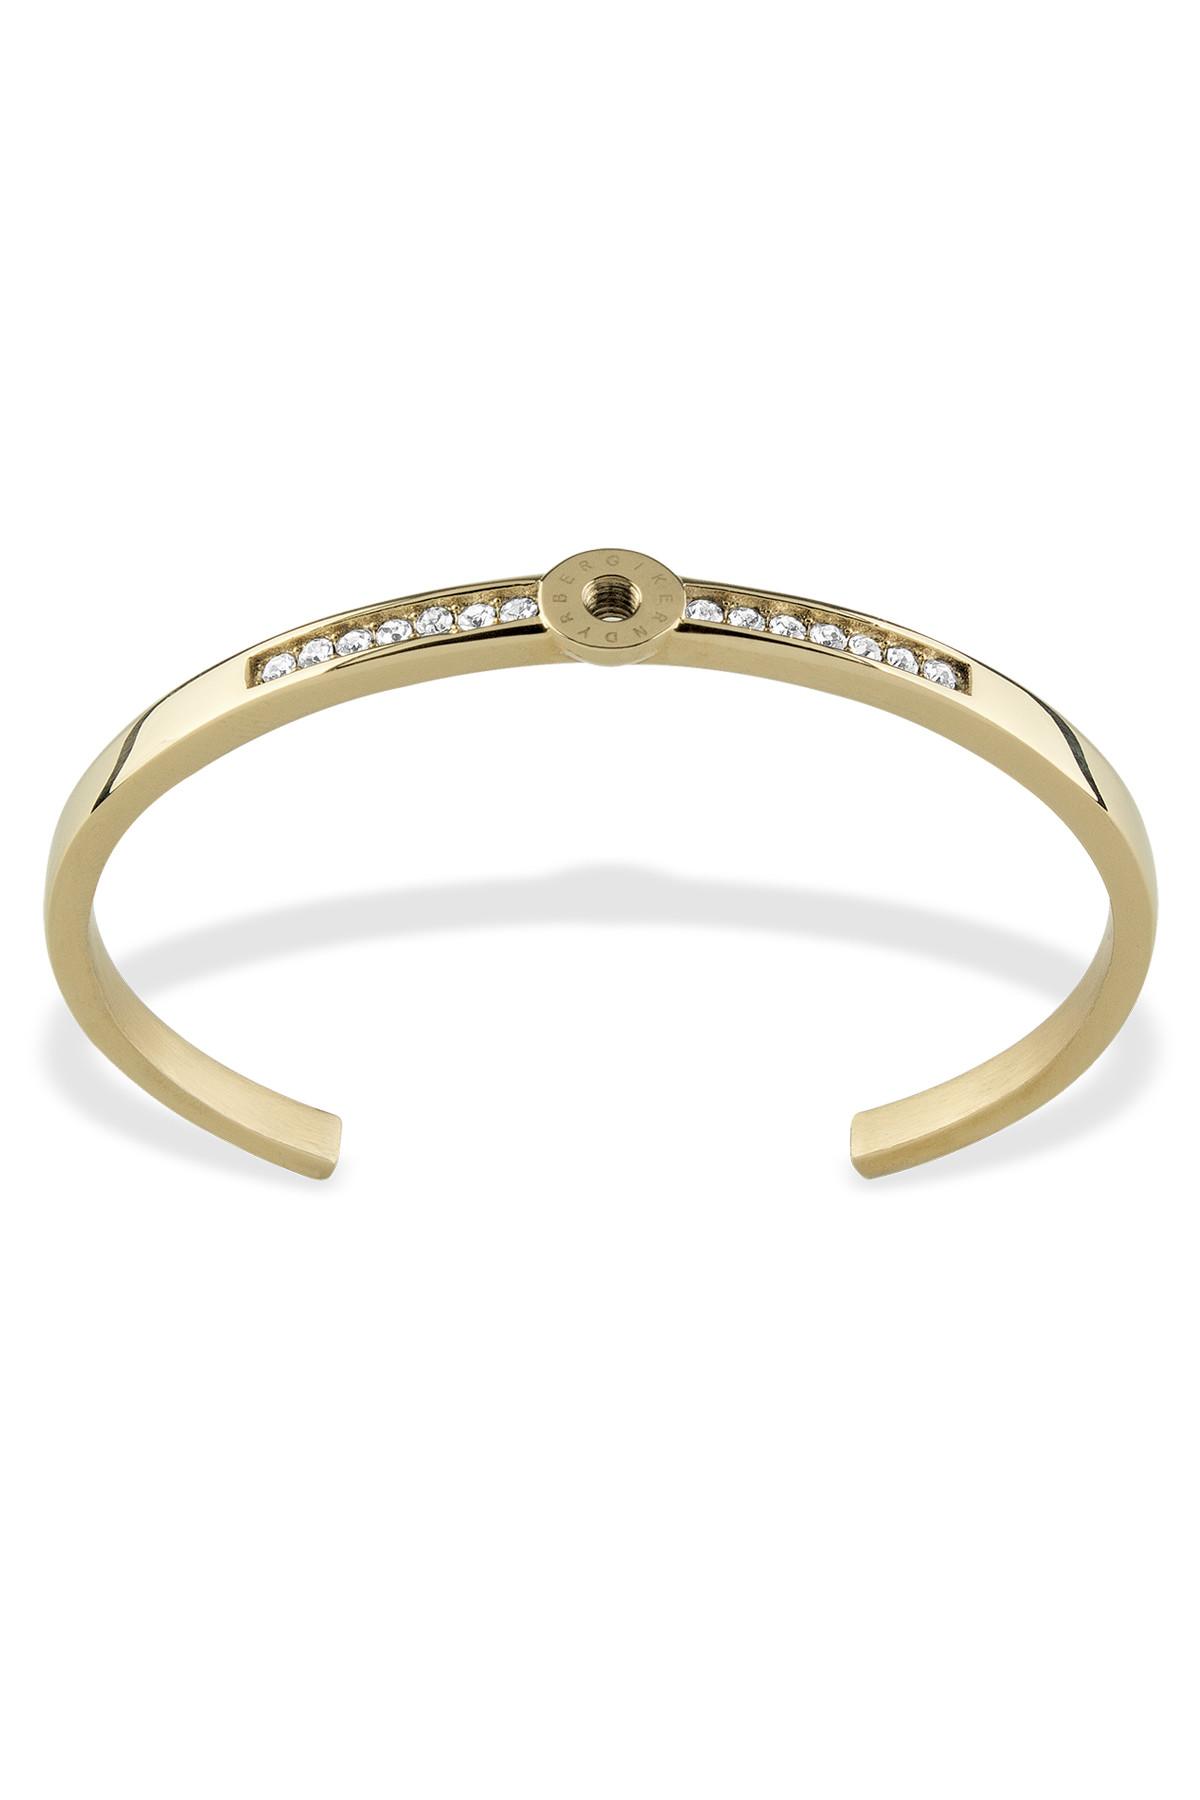 Image of   DYRBERG/KERN BRACELET 2 ARMBÅND 350497 (Gold, Crystal, II/54)